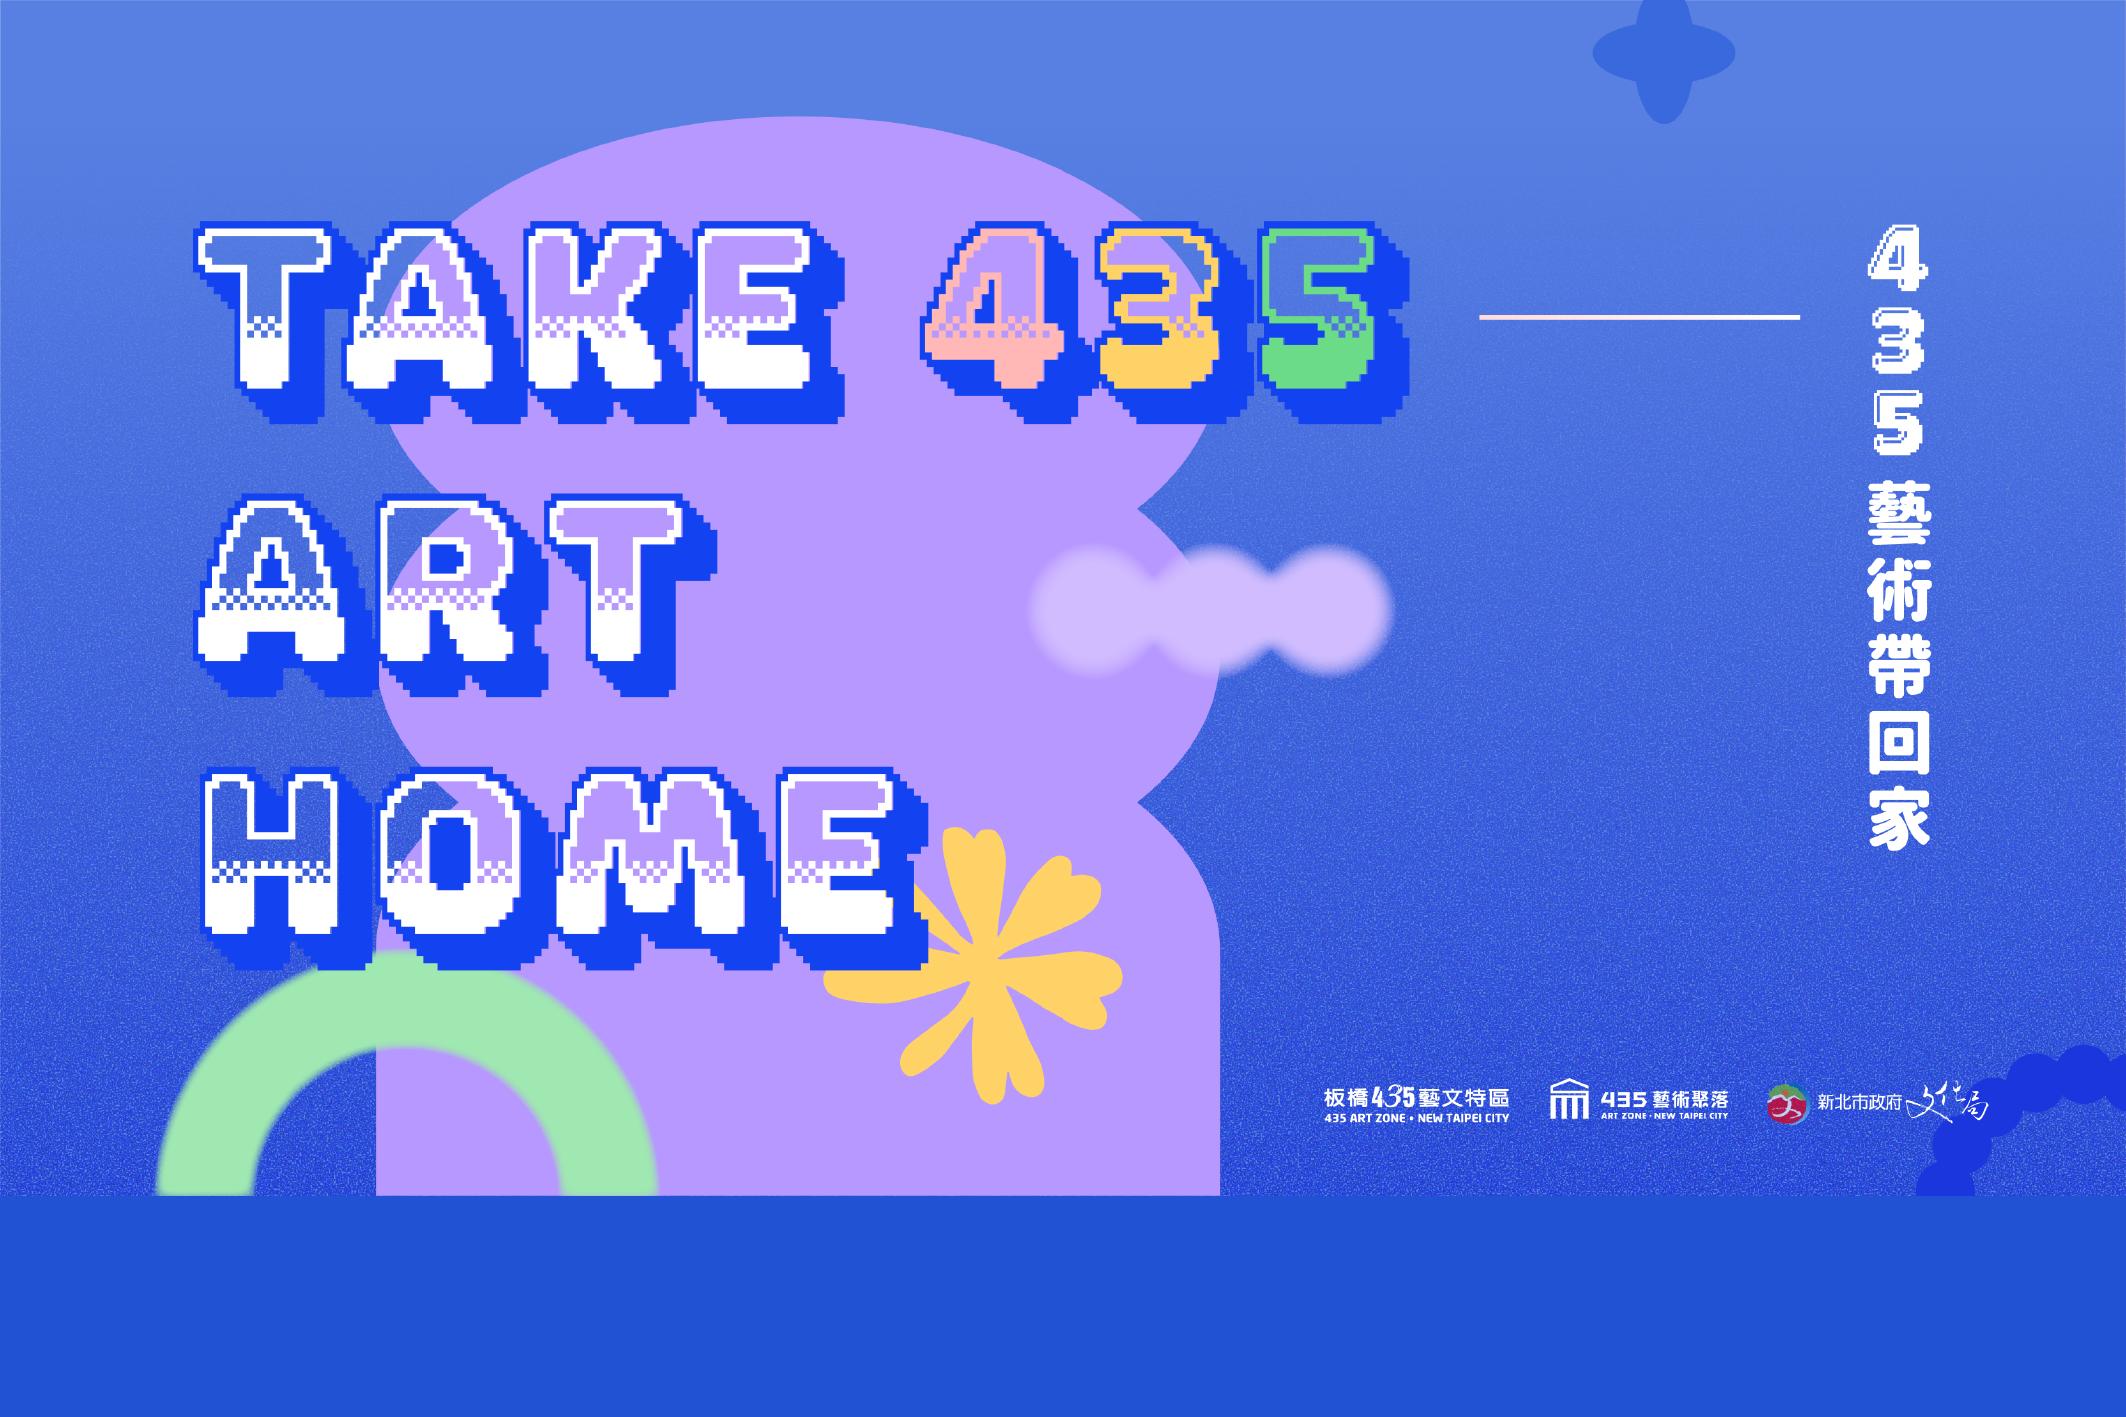 435藝術帶回家《💼TAKE 435 ART HOME💼》 線上工作坊計畫